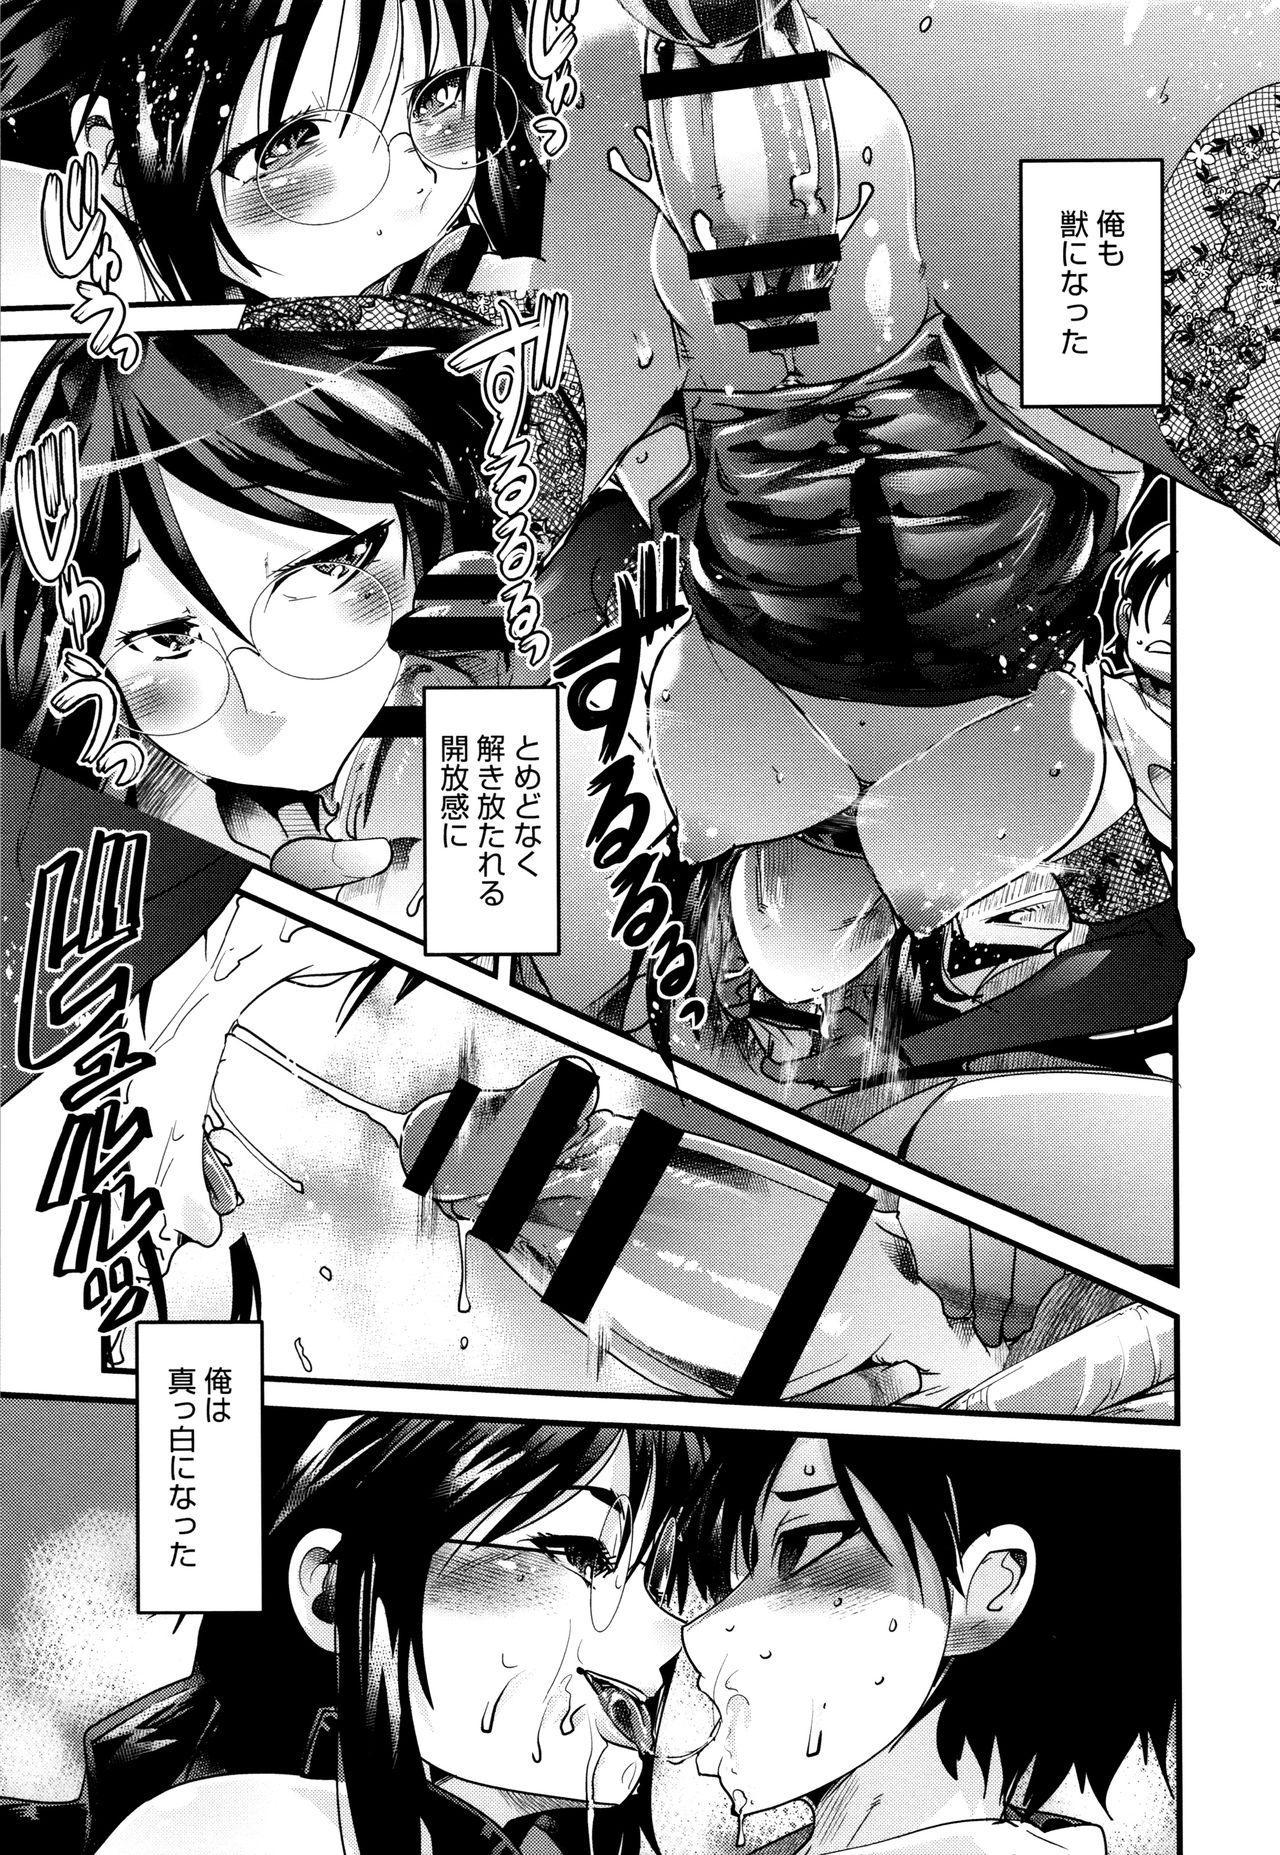 Setsuzoku Sareta Onna 155